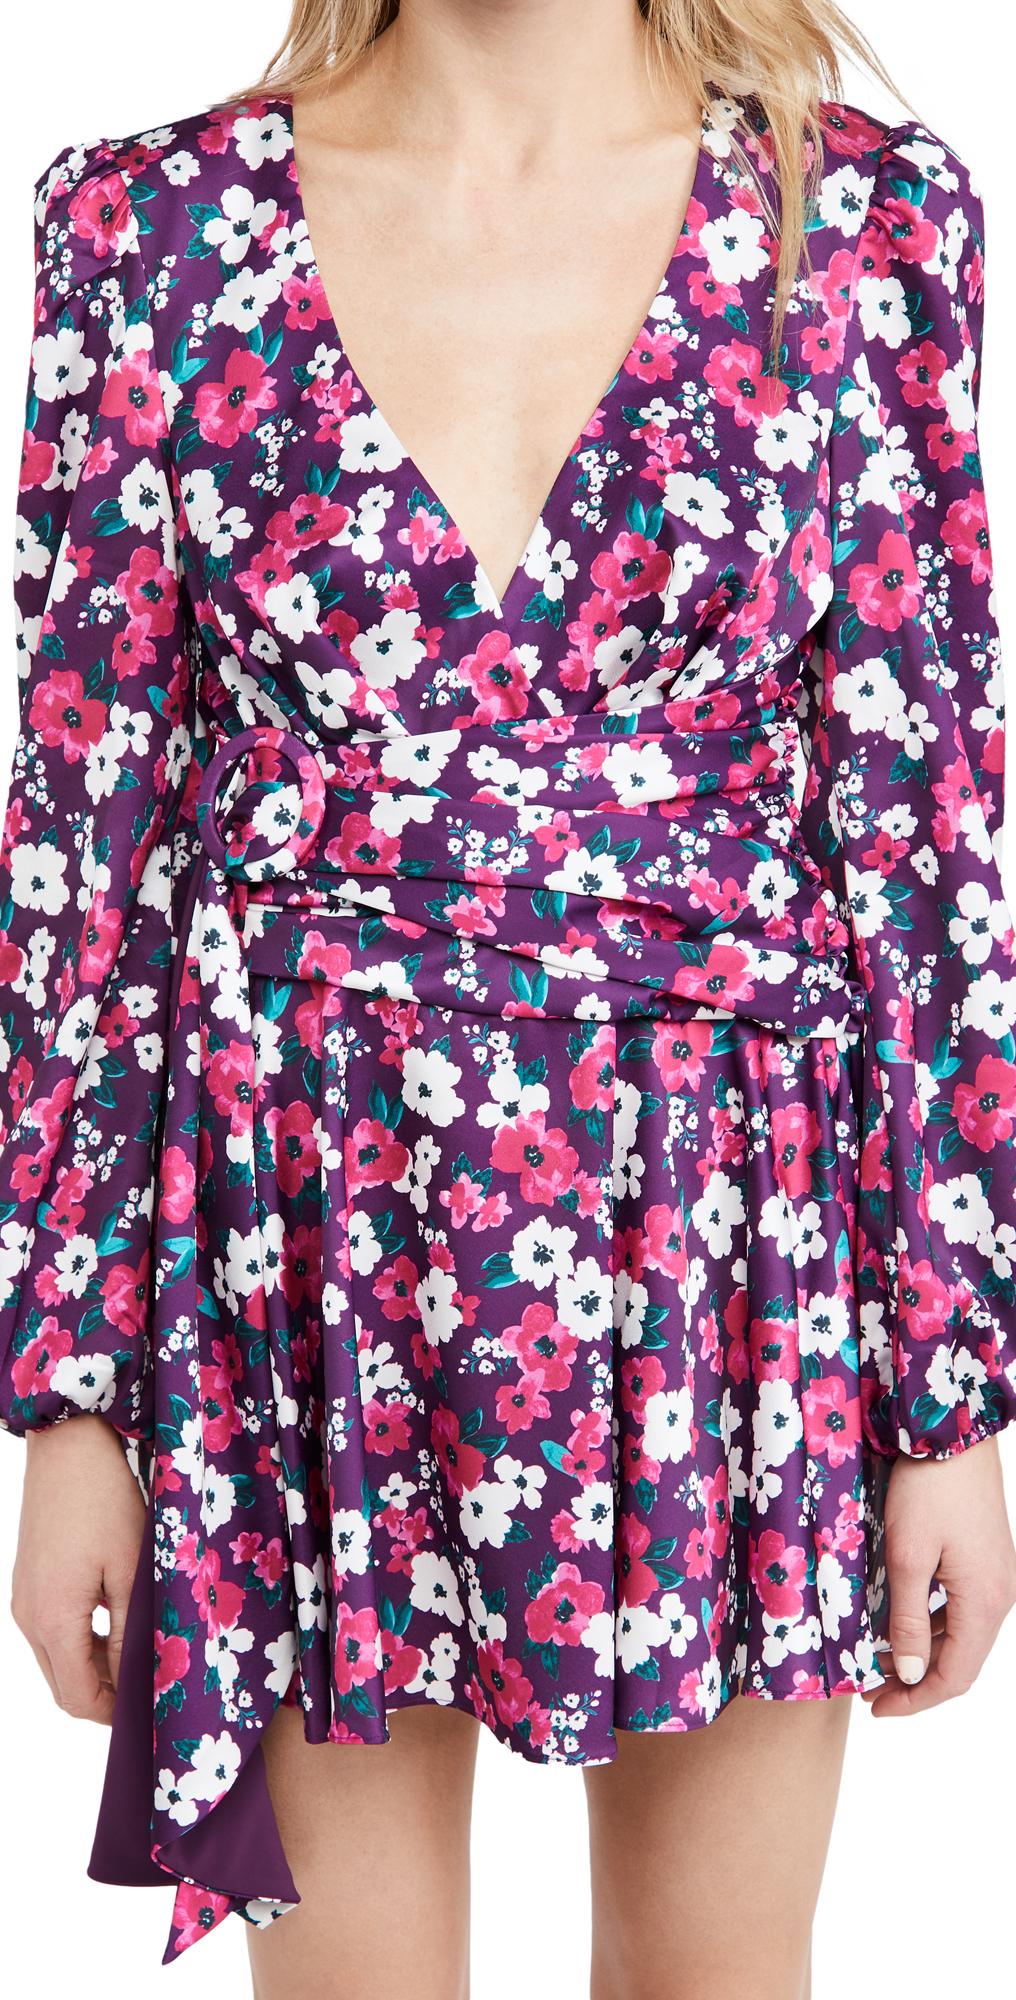 For Love & Lemons Hallie Mini Dress